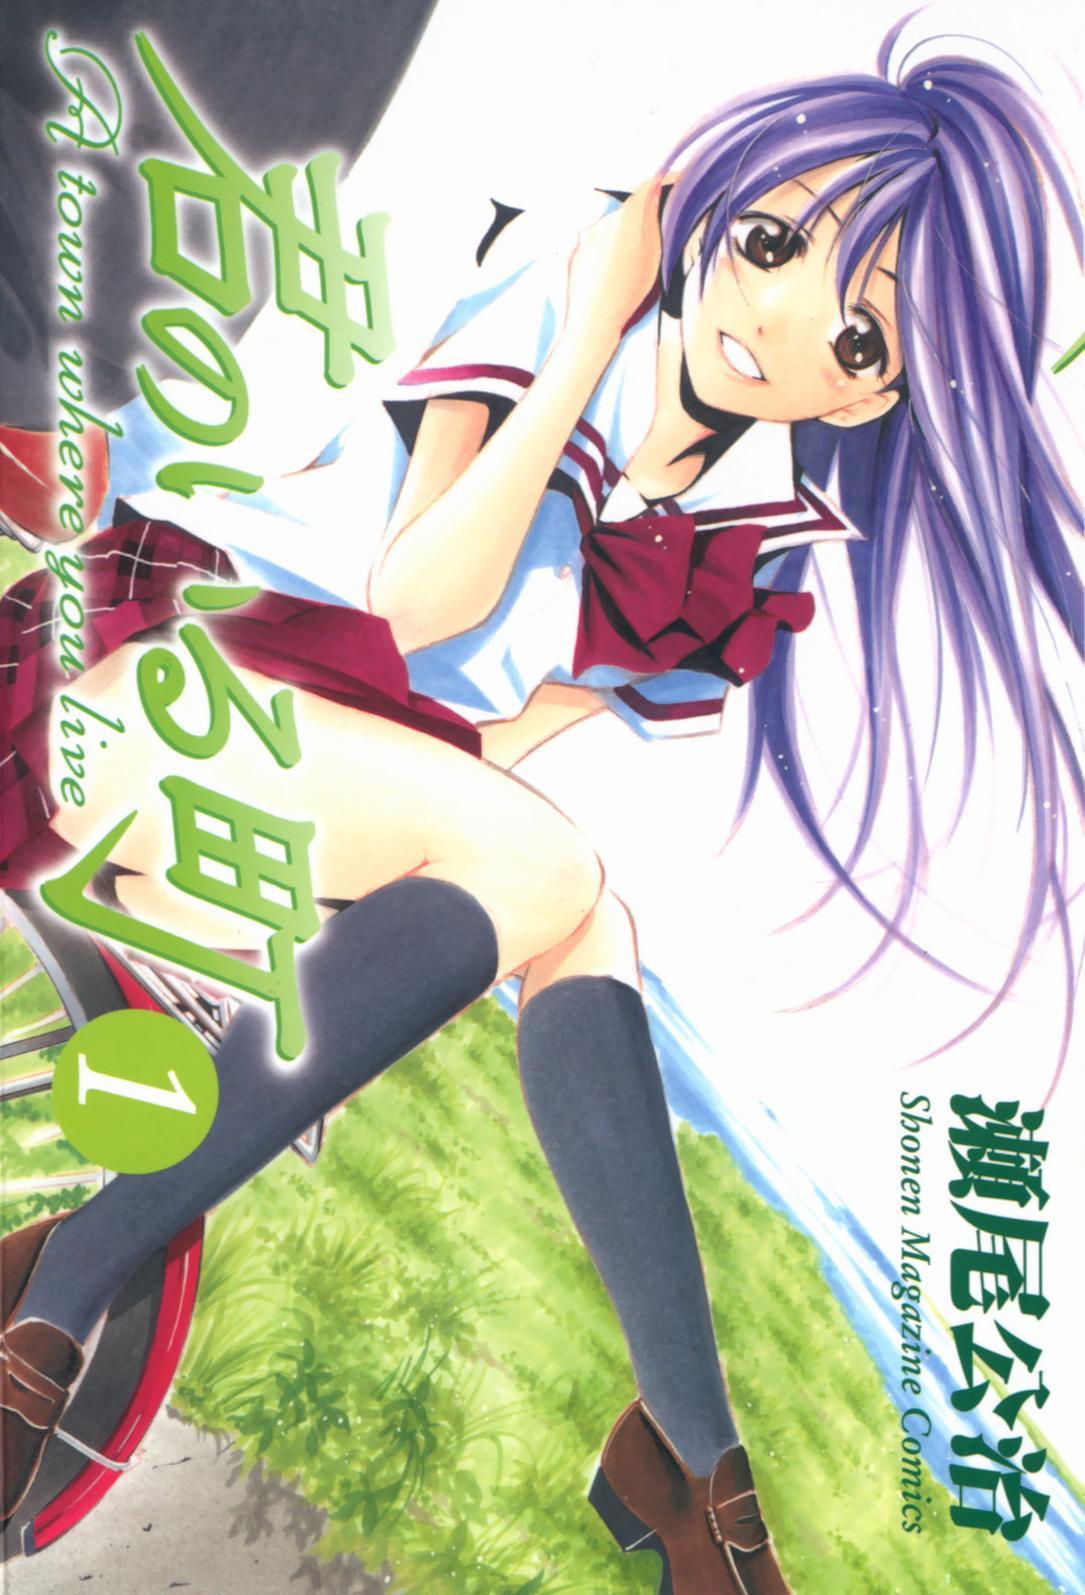 kimimachi_volume_1_cover_art